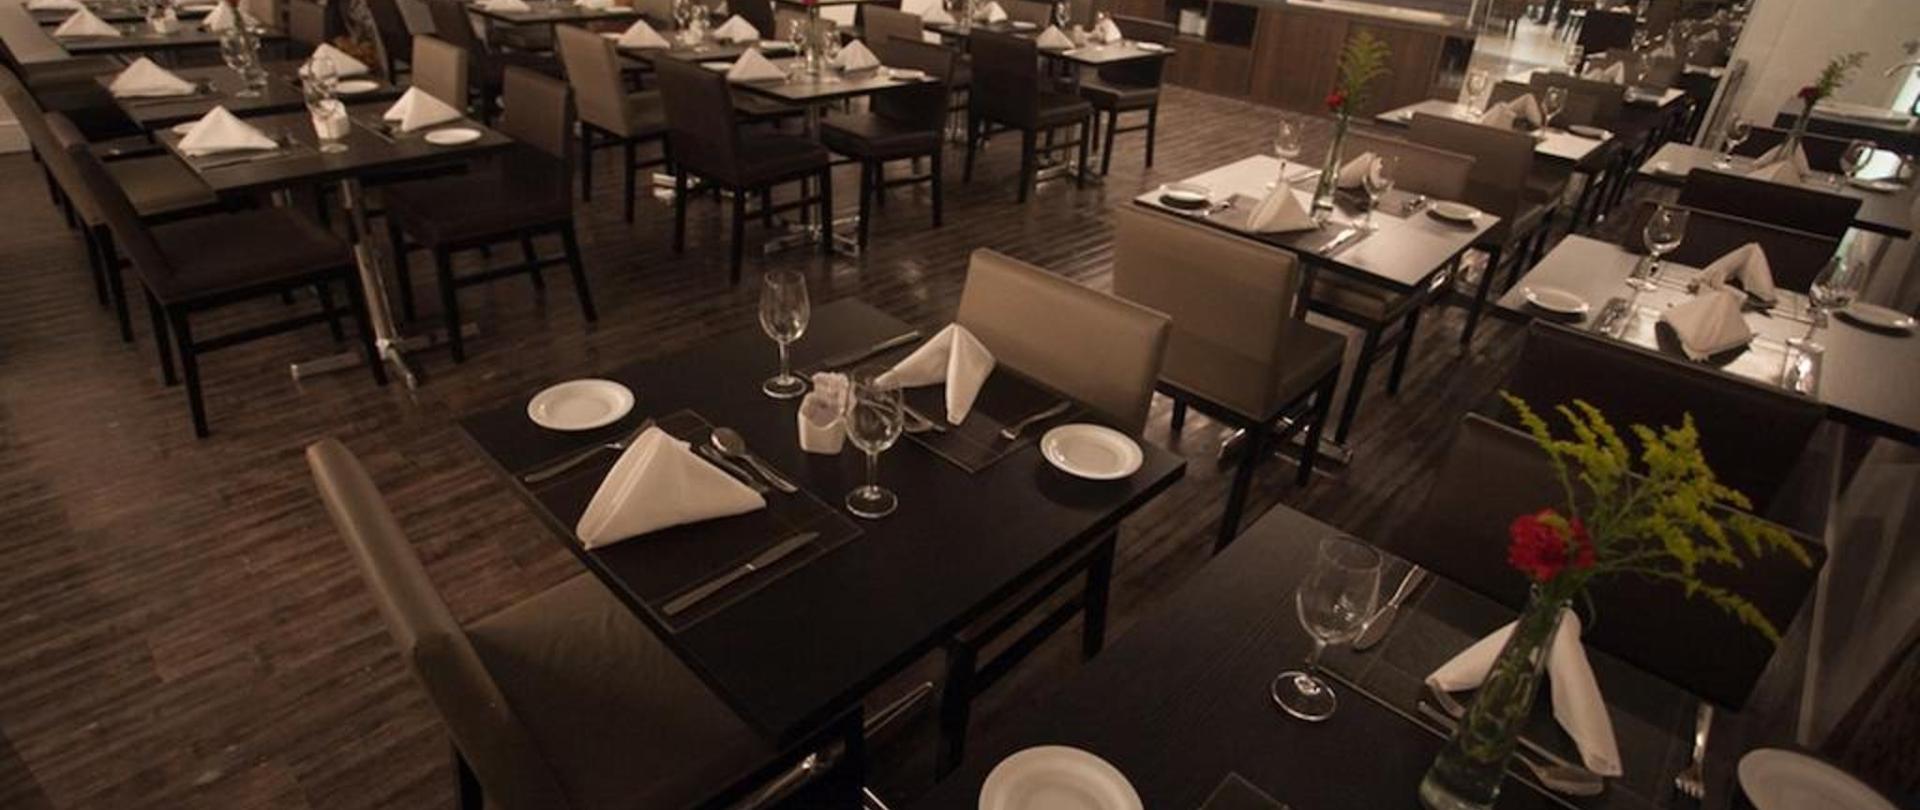 31_Restaurante 1.jpg